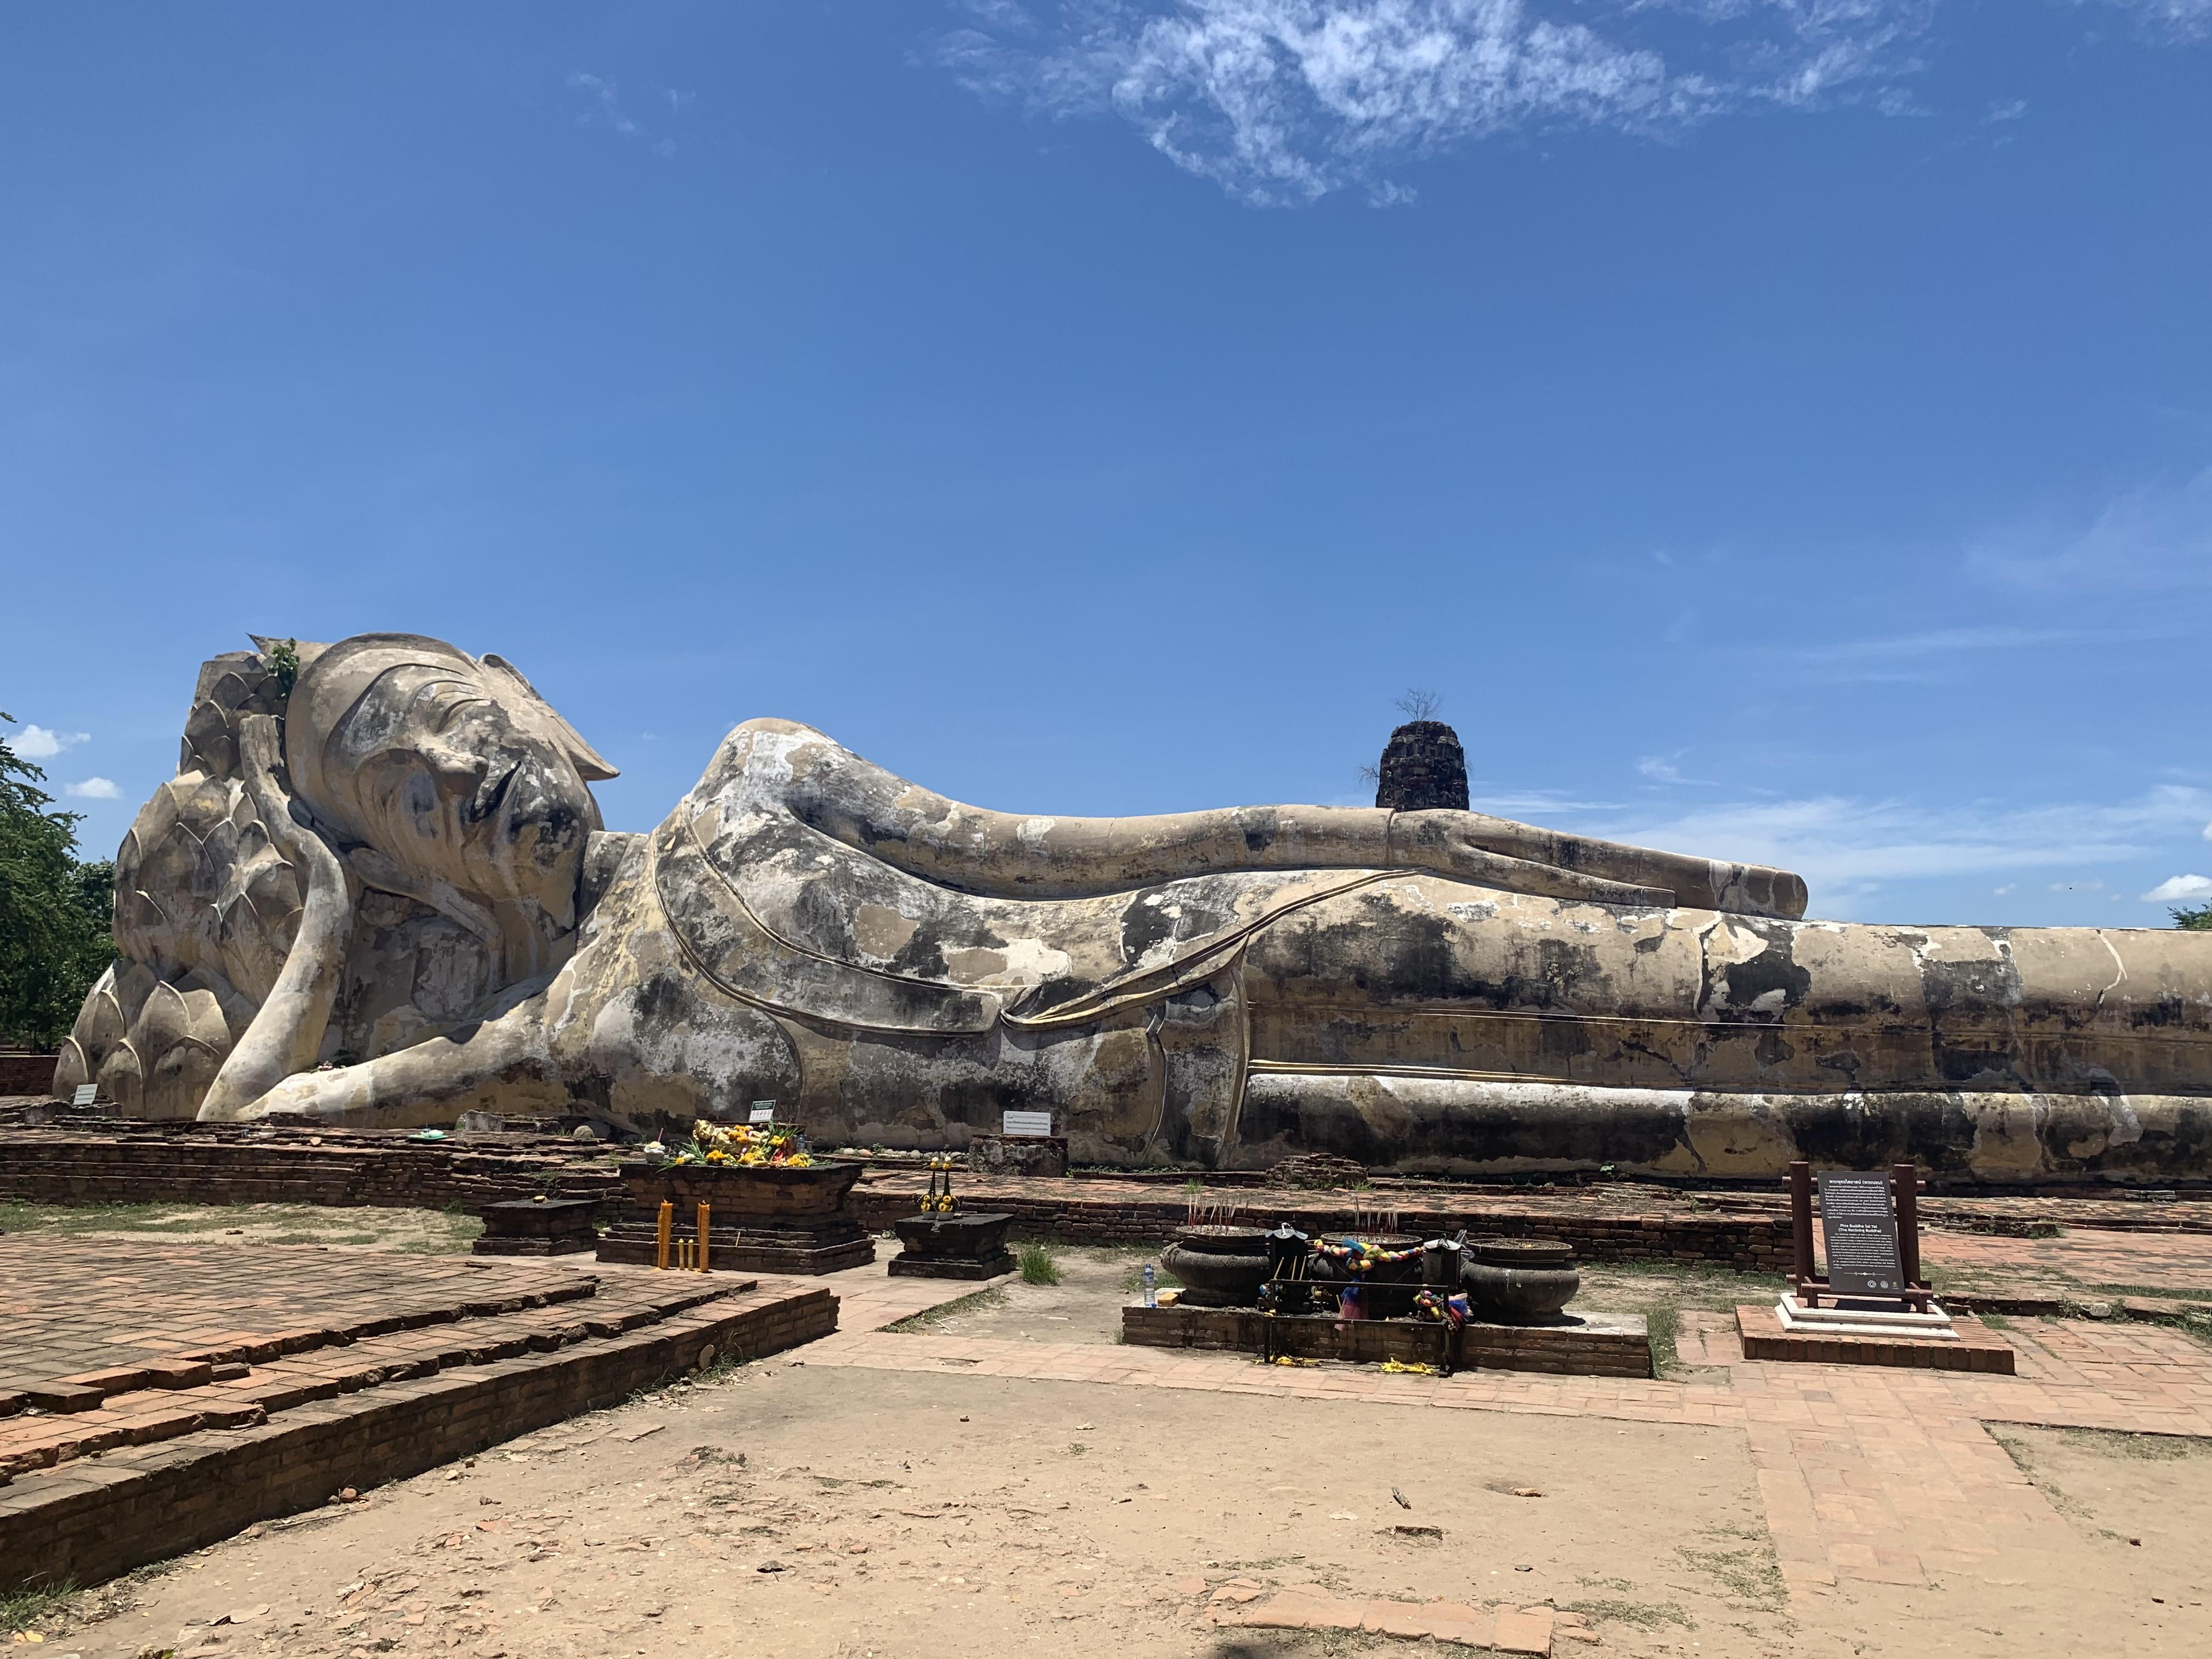 全長28m、ひっそりと巨大涅槃物が横たわり情緒溢れる「ワットロカヤスター」